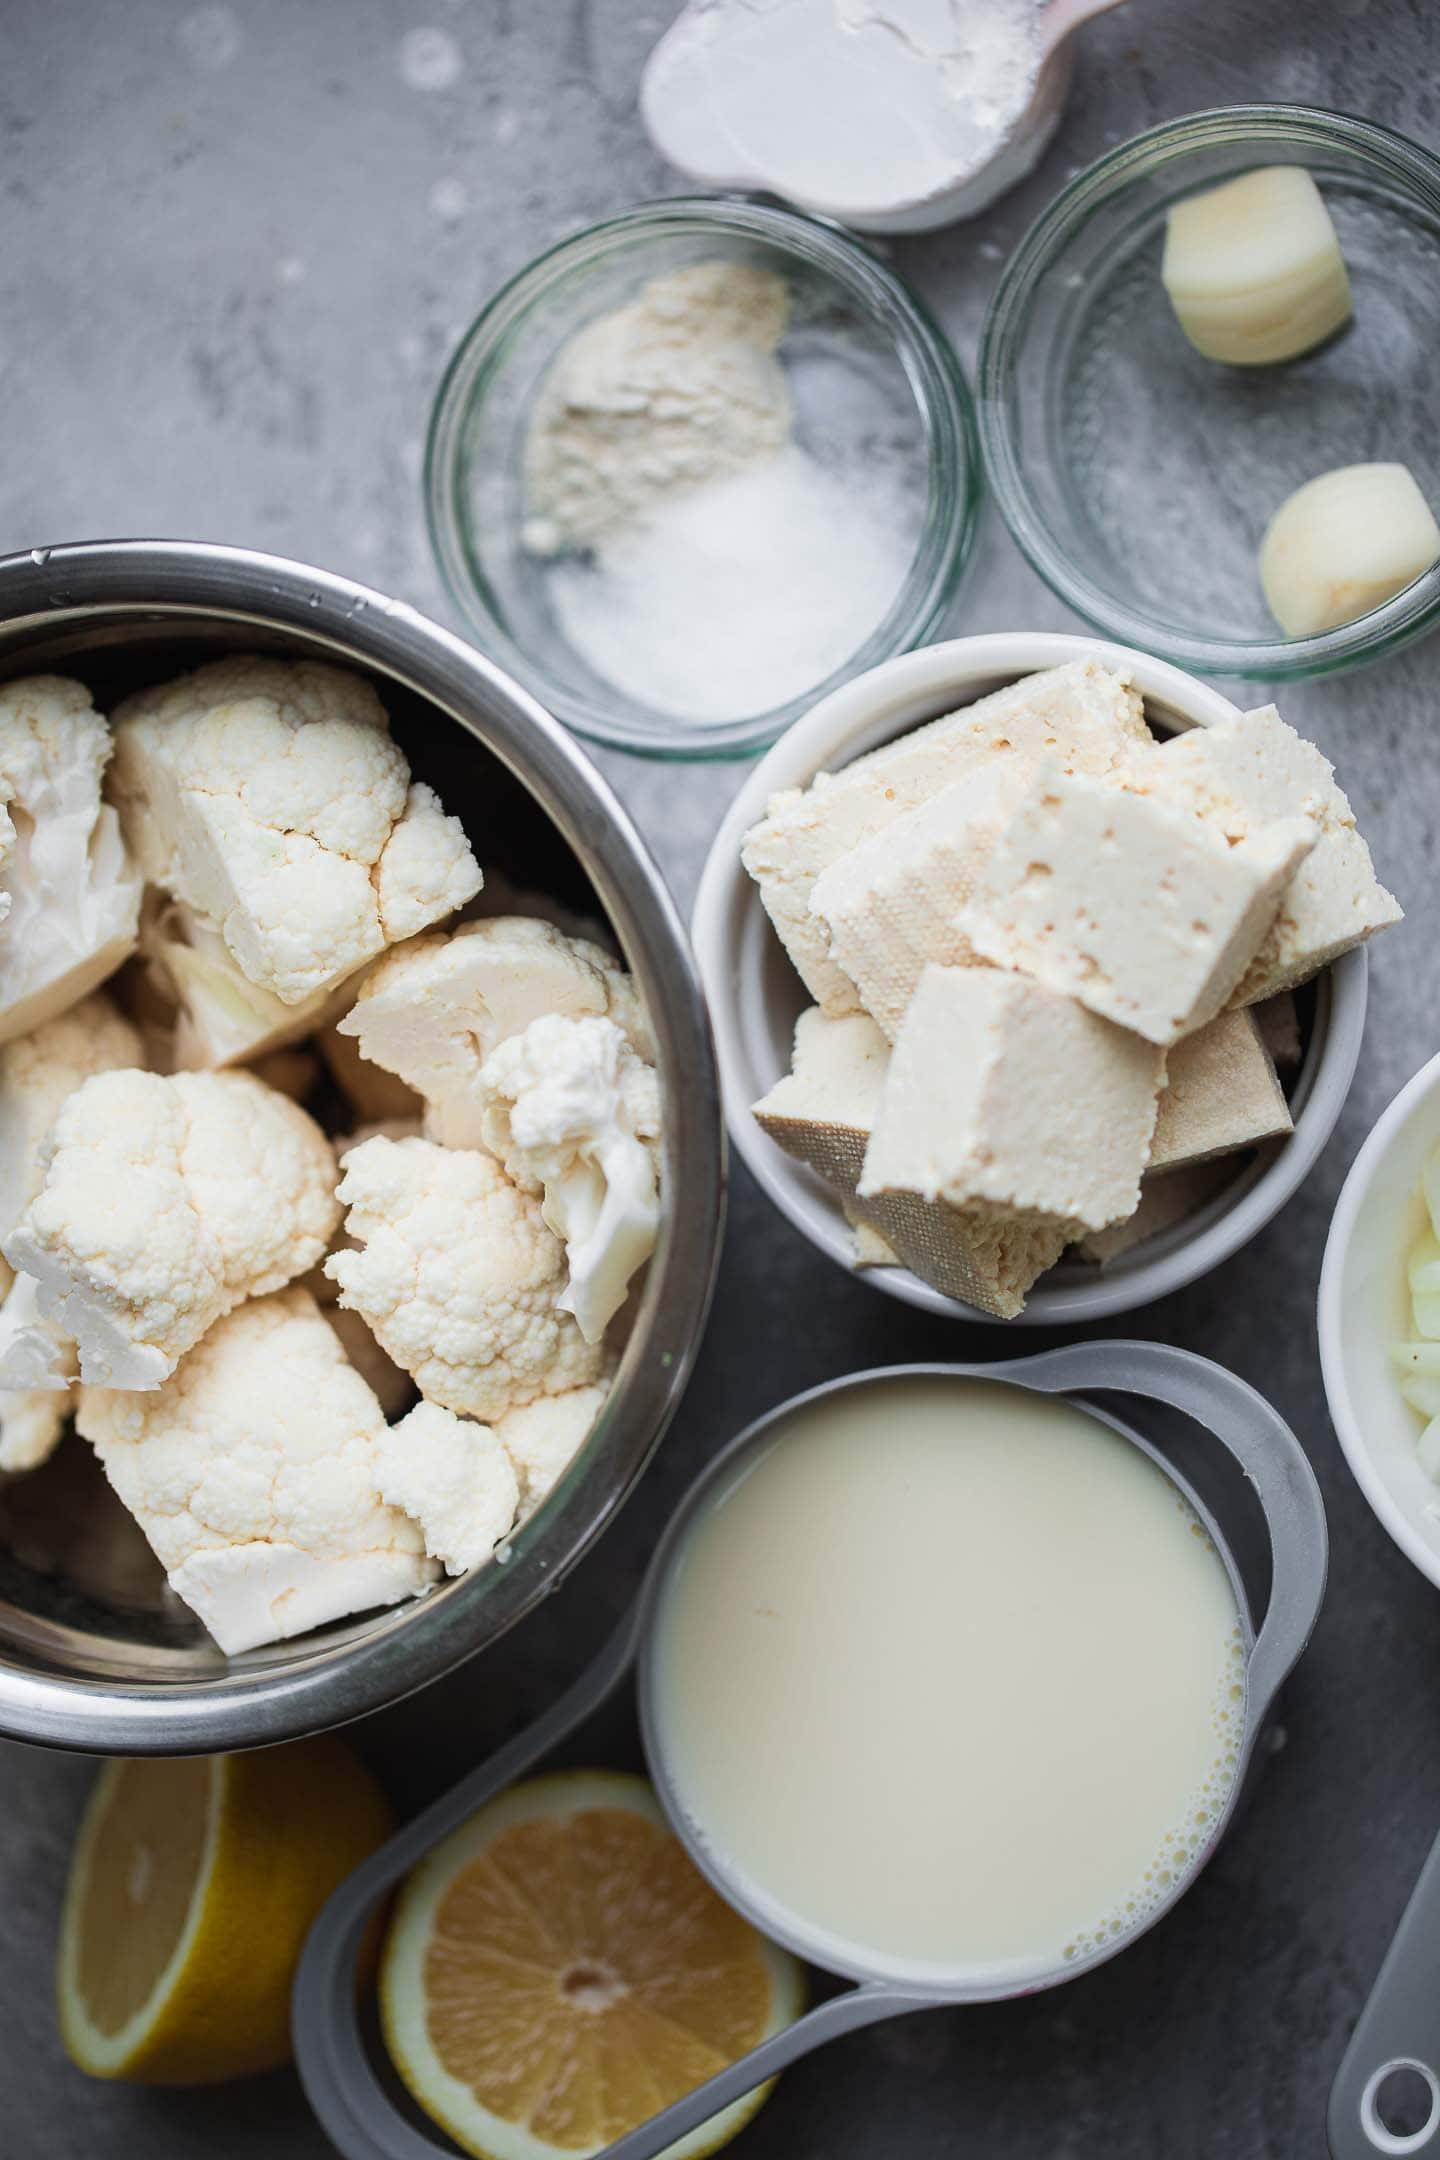 Ingredients for cauliflower Alfredo